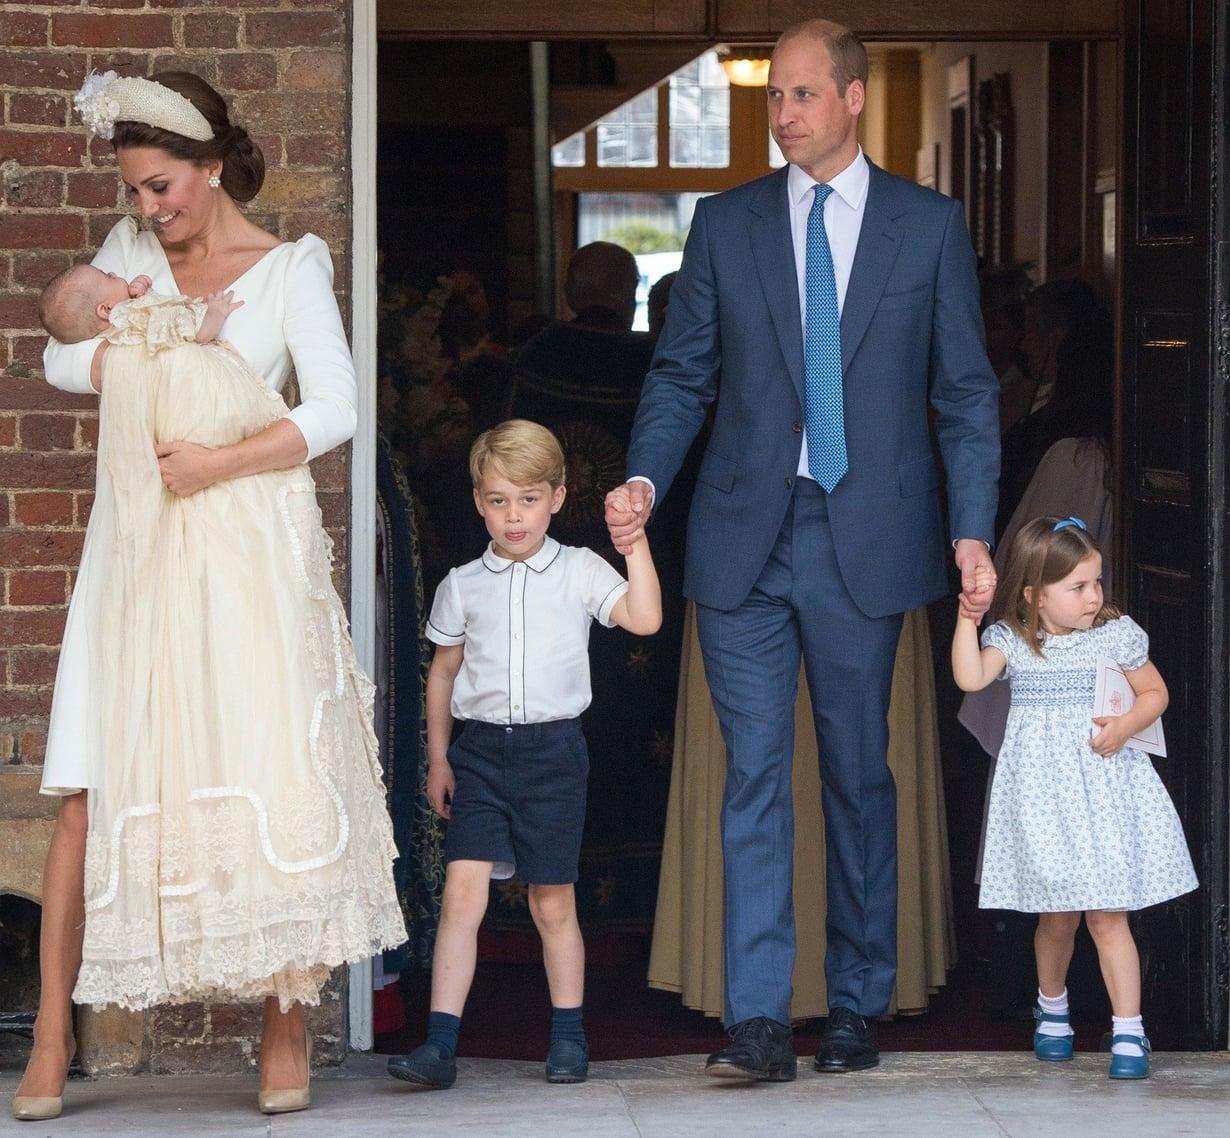 Cambridgen herttuapari William ja Kate lapsiensa Georgen, 4, Charlotten, 3, sekä Louisin kanssa poistumassa perheen kuopuksen kastetilaisuudesta St. Jamesin kappelista heinäkuussa. Kuva: MVPhotos